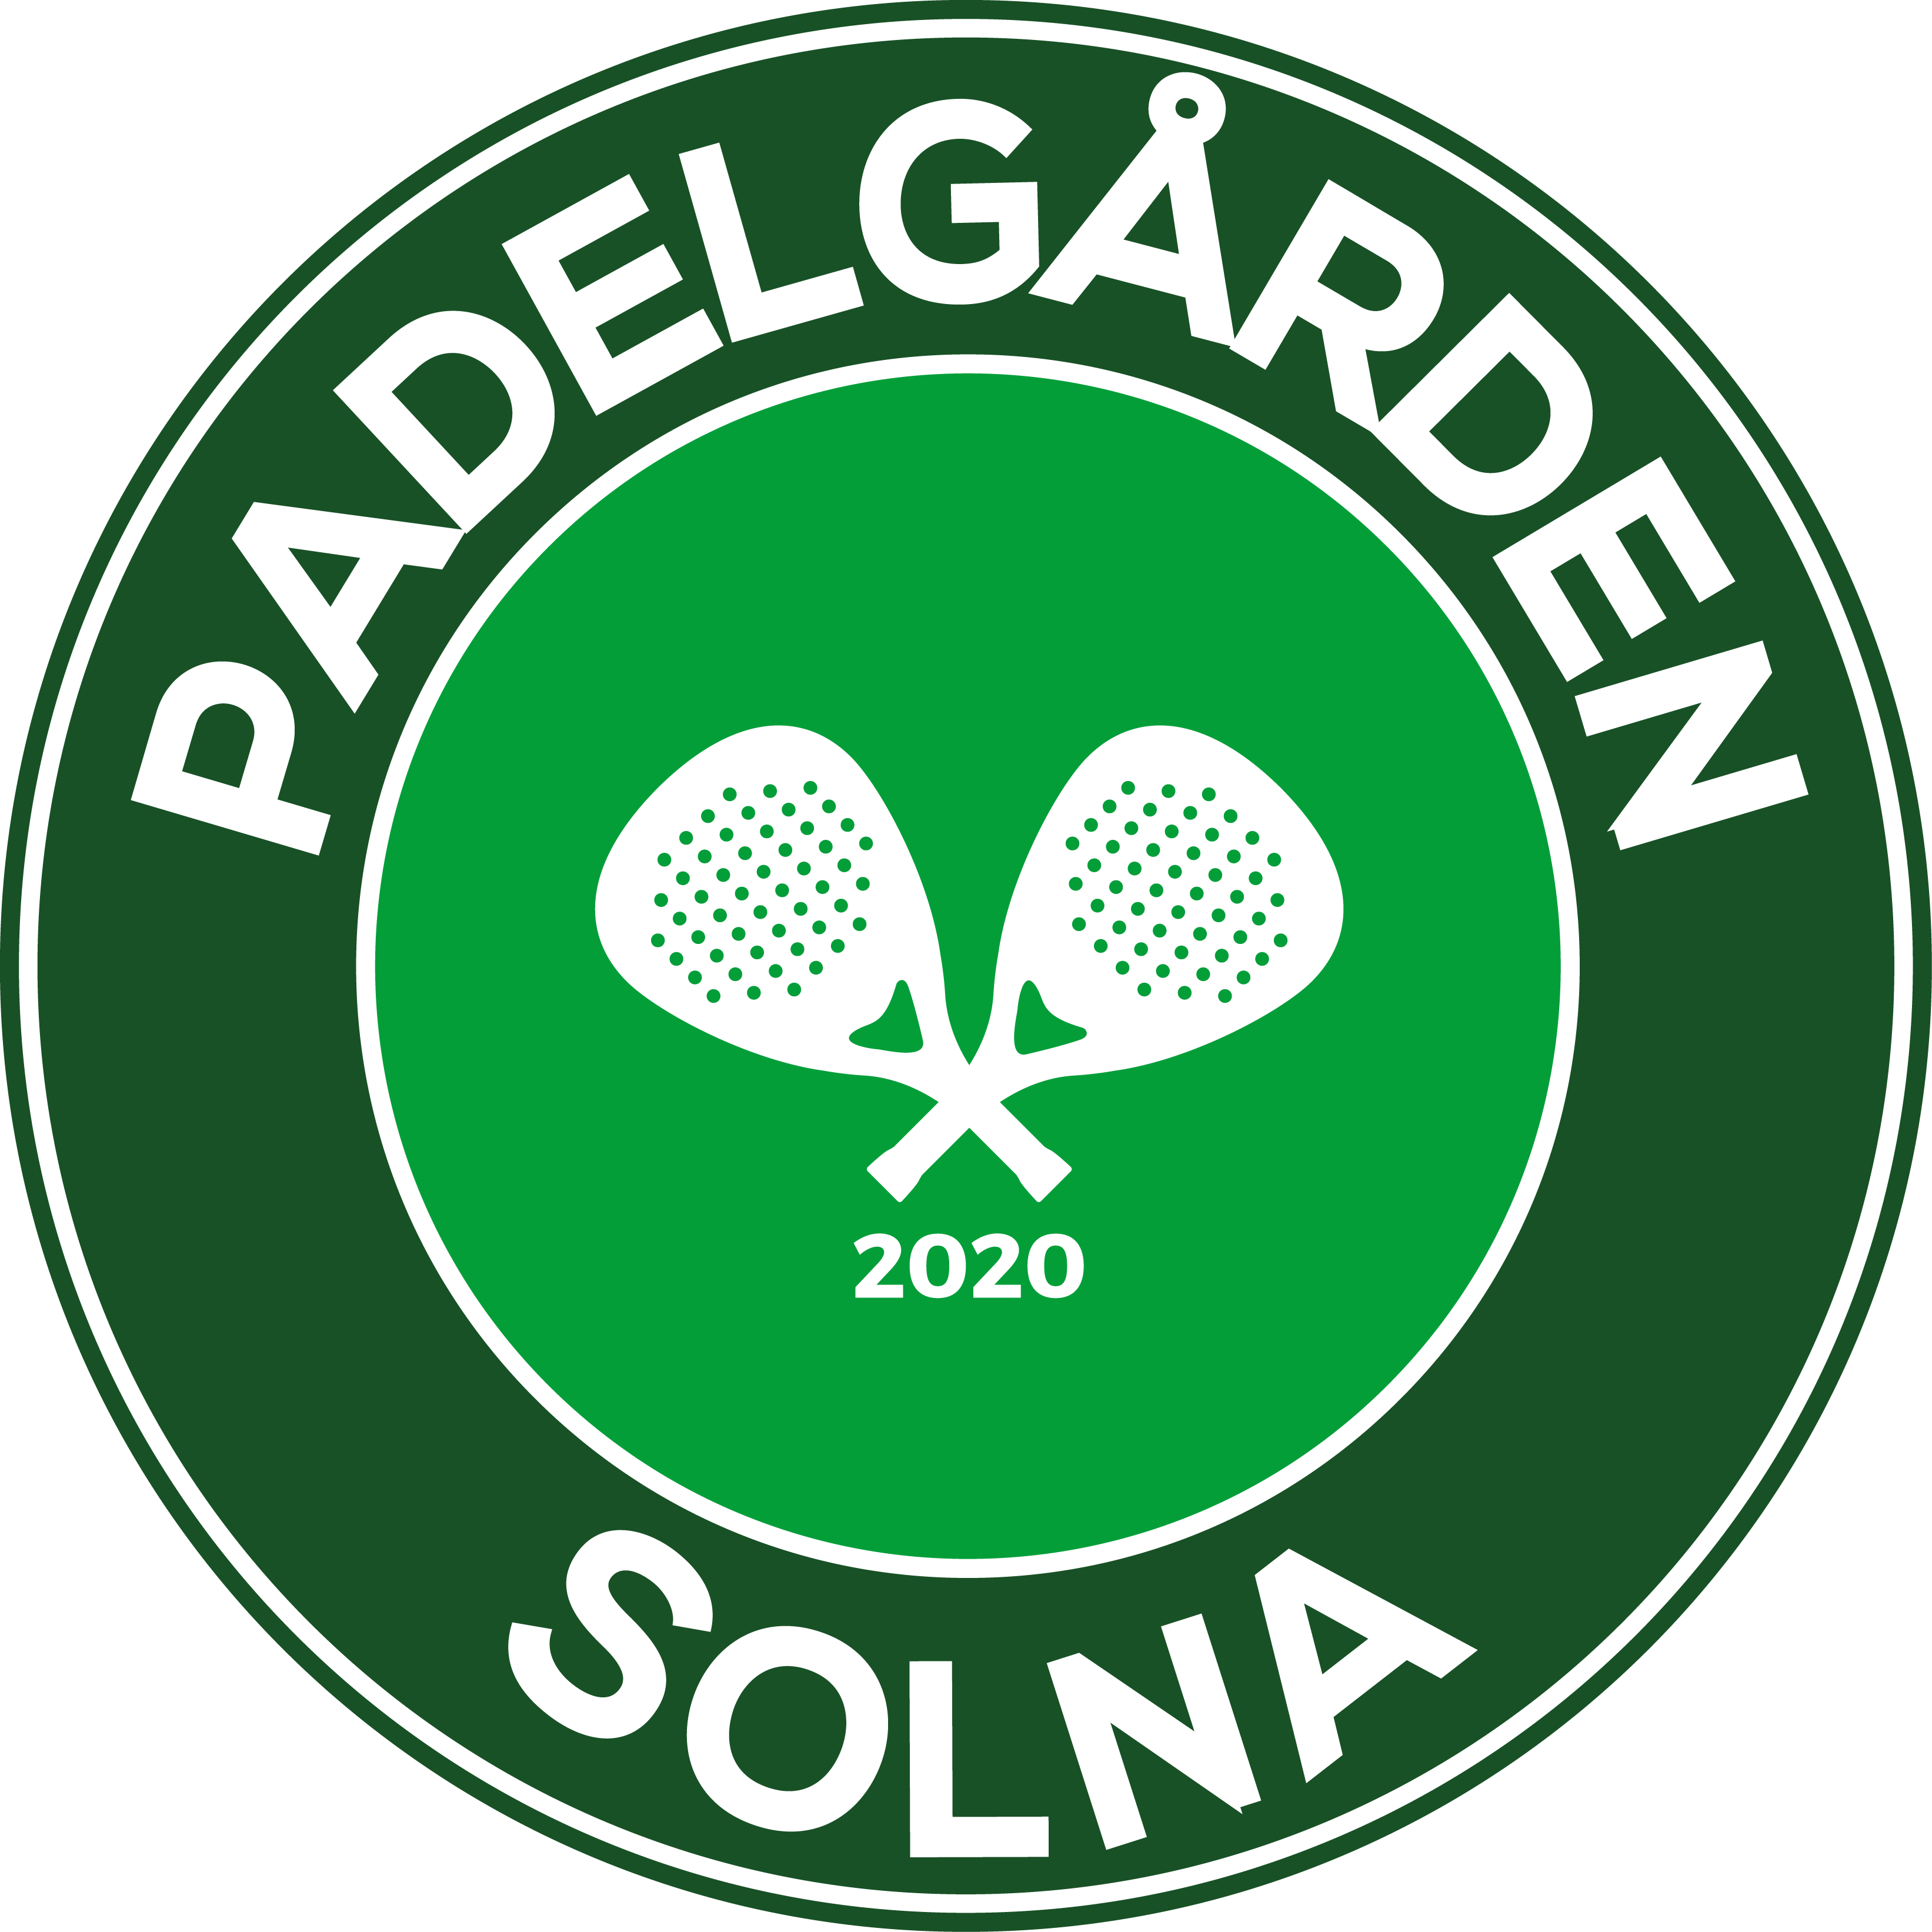 Padel Gården Solna